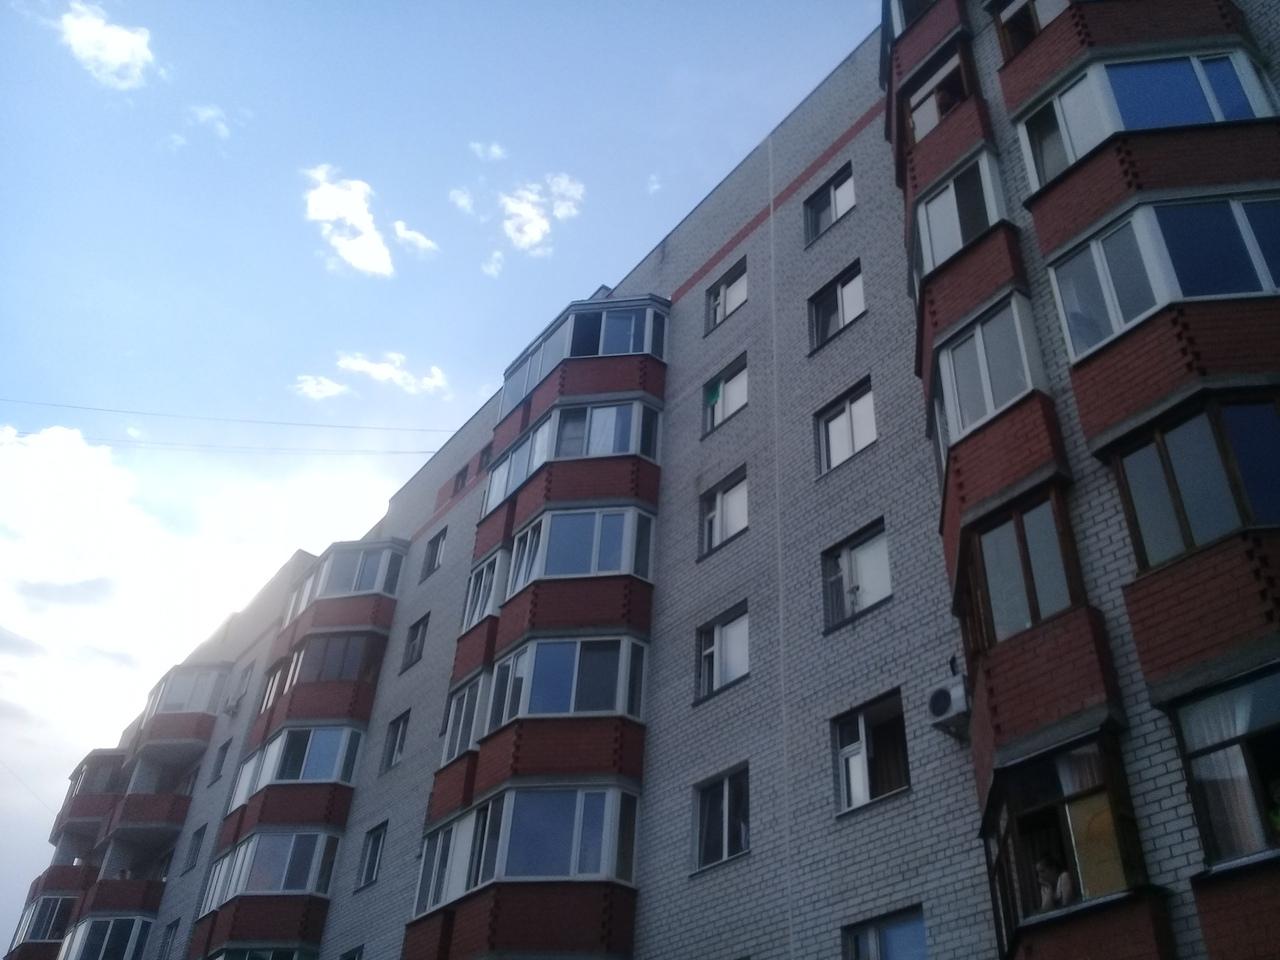 В Тюмени на Широтной 5-летний мальчик погиб, выпав из окна седьмого этажа